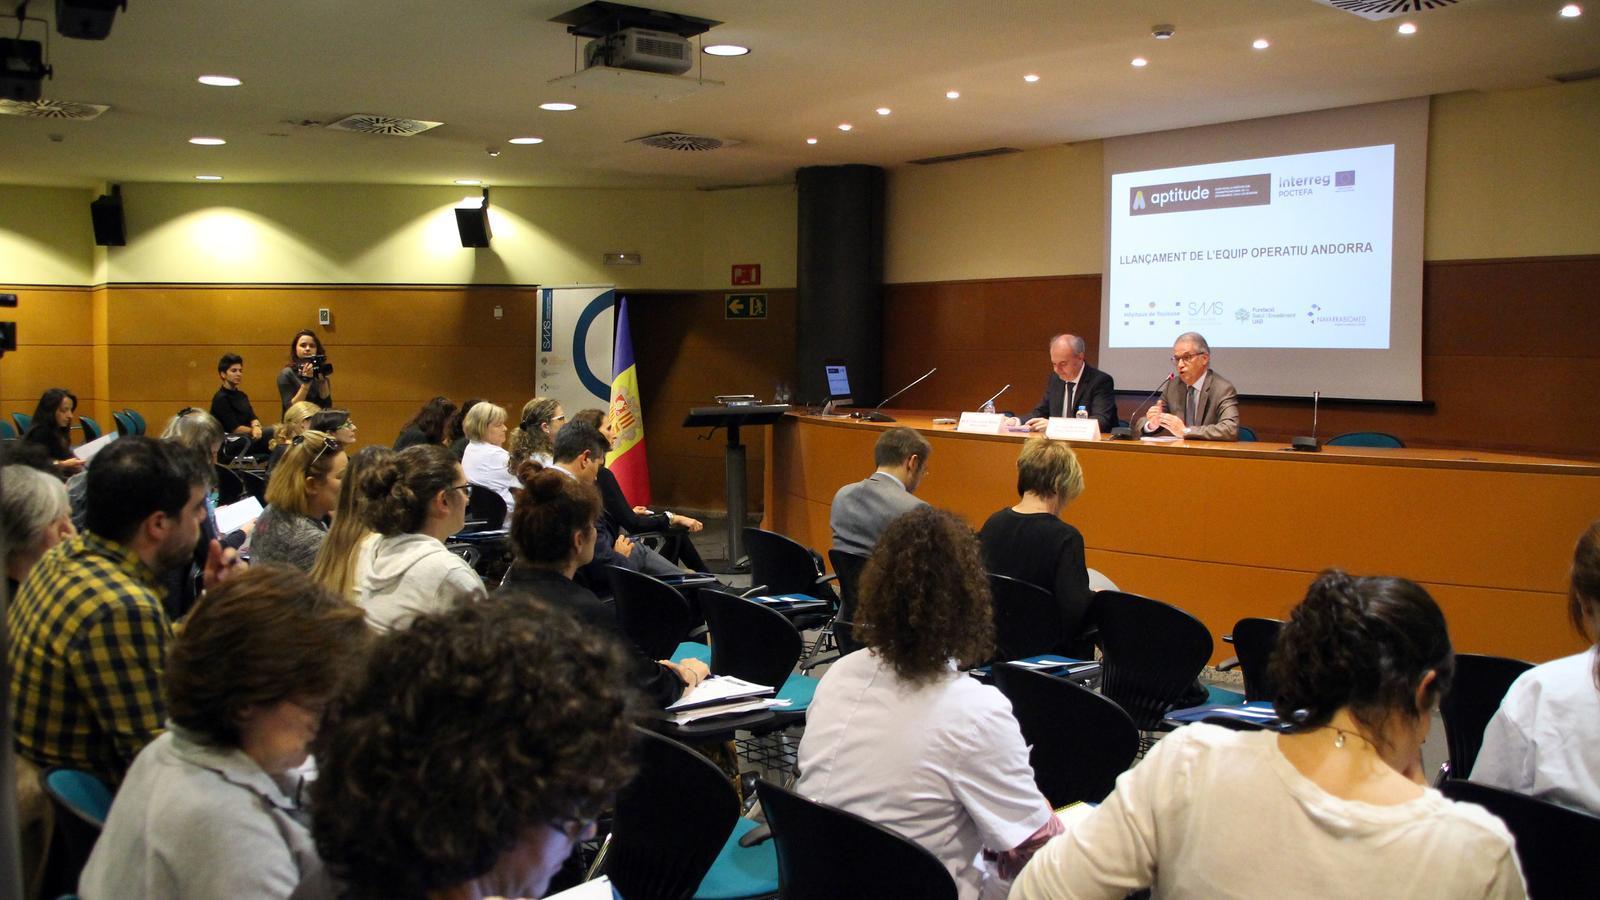 El ministre de Salut, Carles Álvarez, i el director general del SAAS, Josep Maria Piqué, presenten el llançament de l'equip operatiu andorrà del projecte APTITTUDE. / C.G. (ANA)